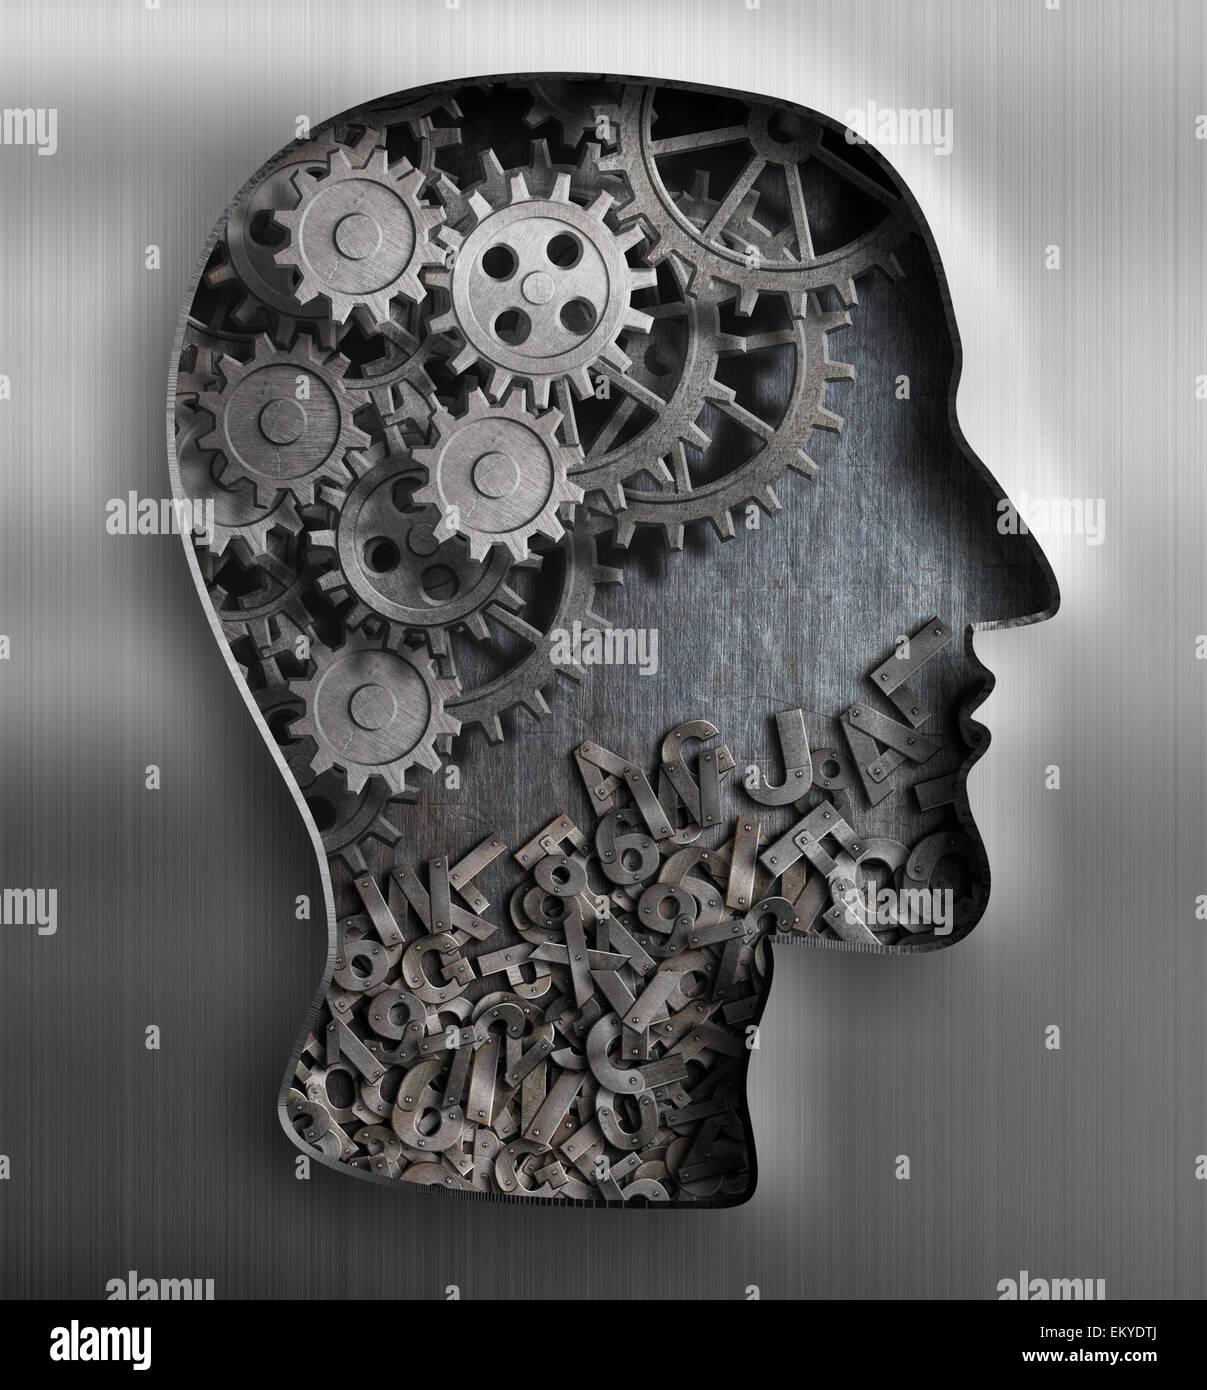 Cervello di metallo. Pensare, psicologia, creatività, concetto di linguaggio. Immagini Stock